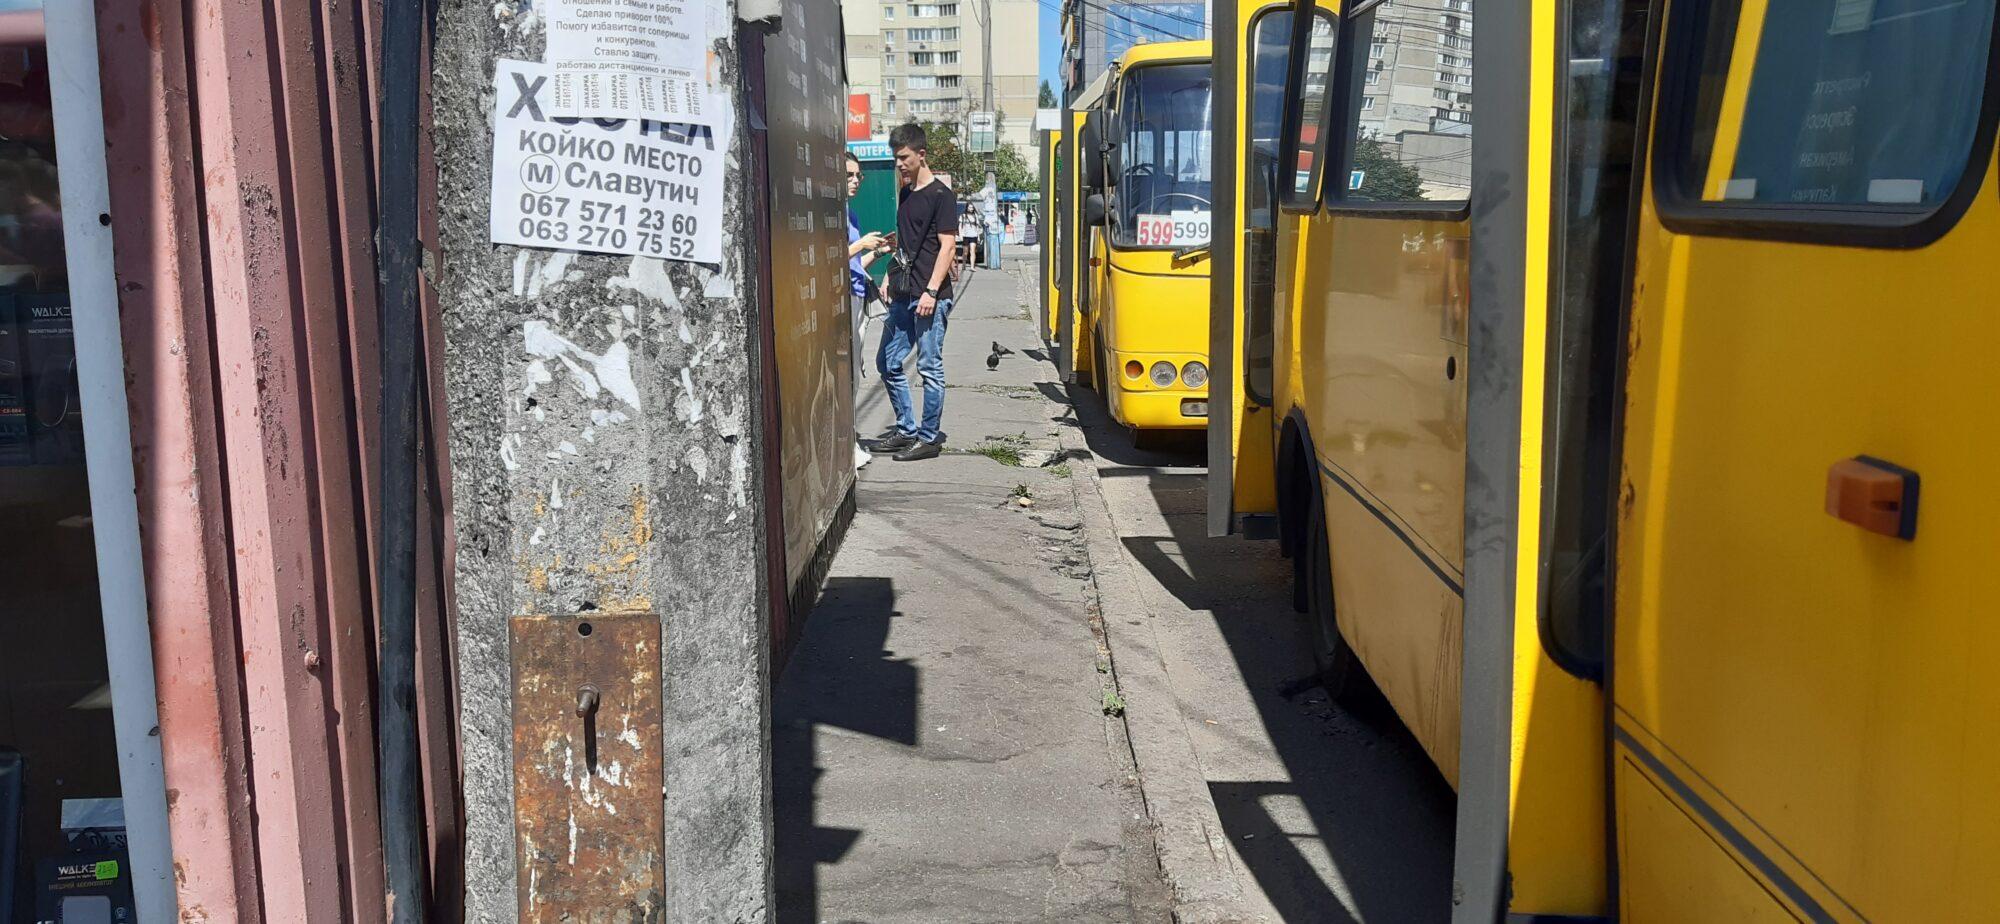 У Києві жінка випала з маршрутки (відео) - Маршрутка, жінка - 20200808 121534 2000x924